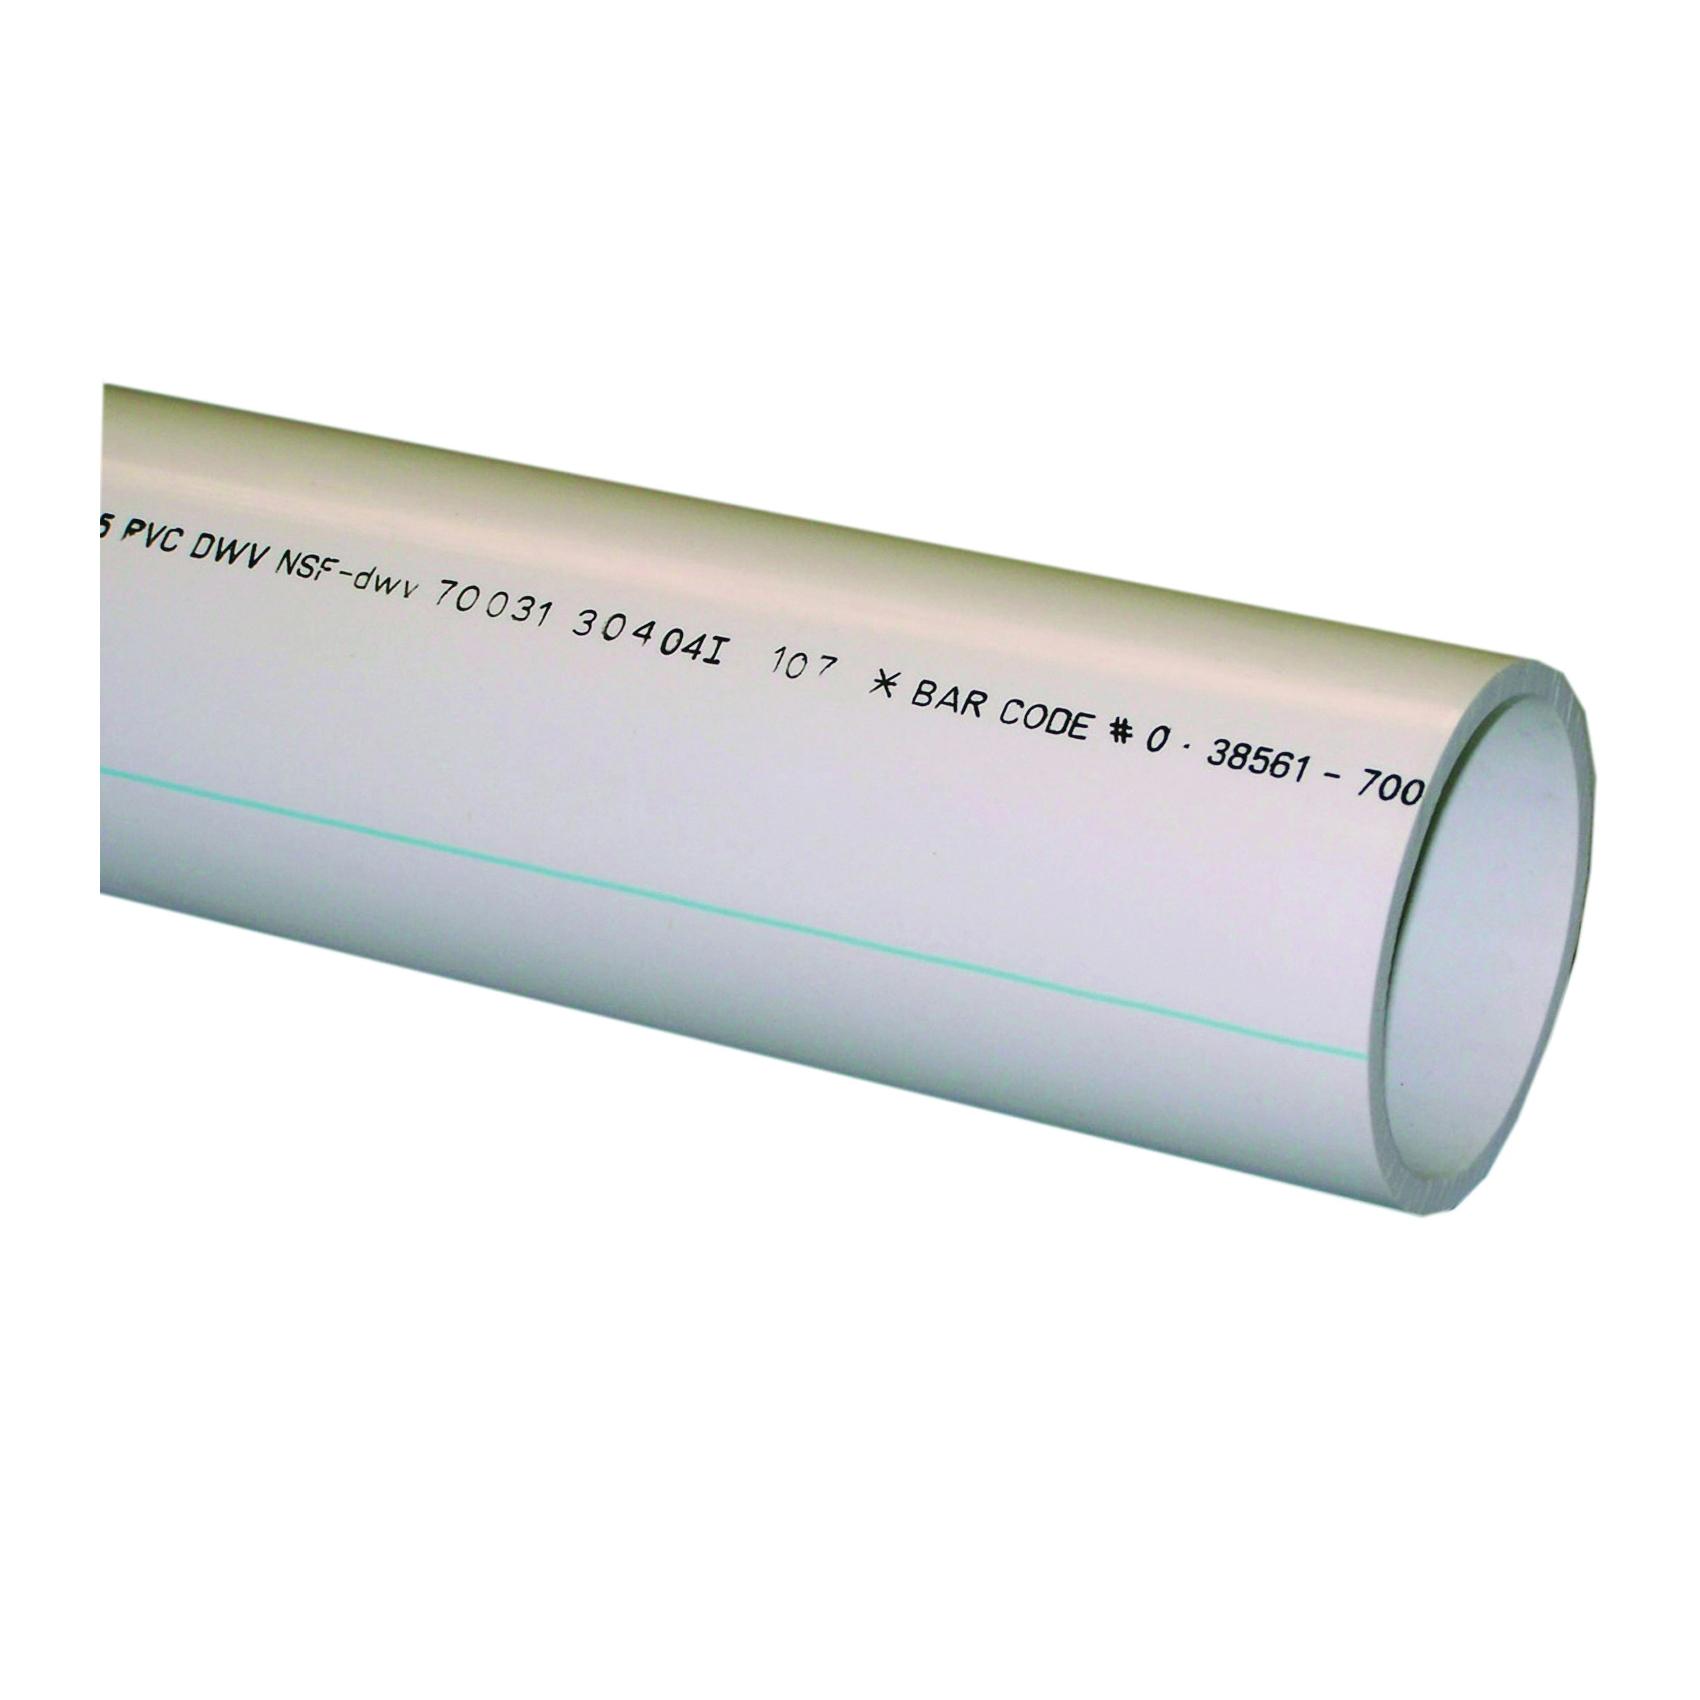 Picture of GENOVA 700312 Cut Pipe, 2 ft L, SCH 40 Schedule